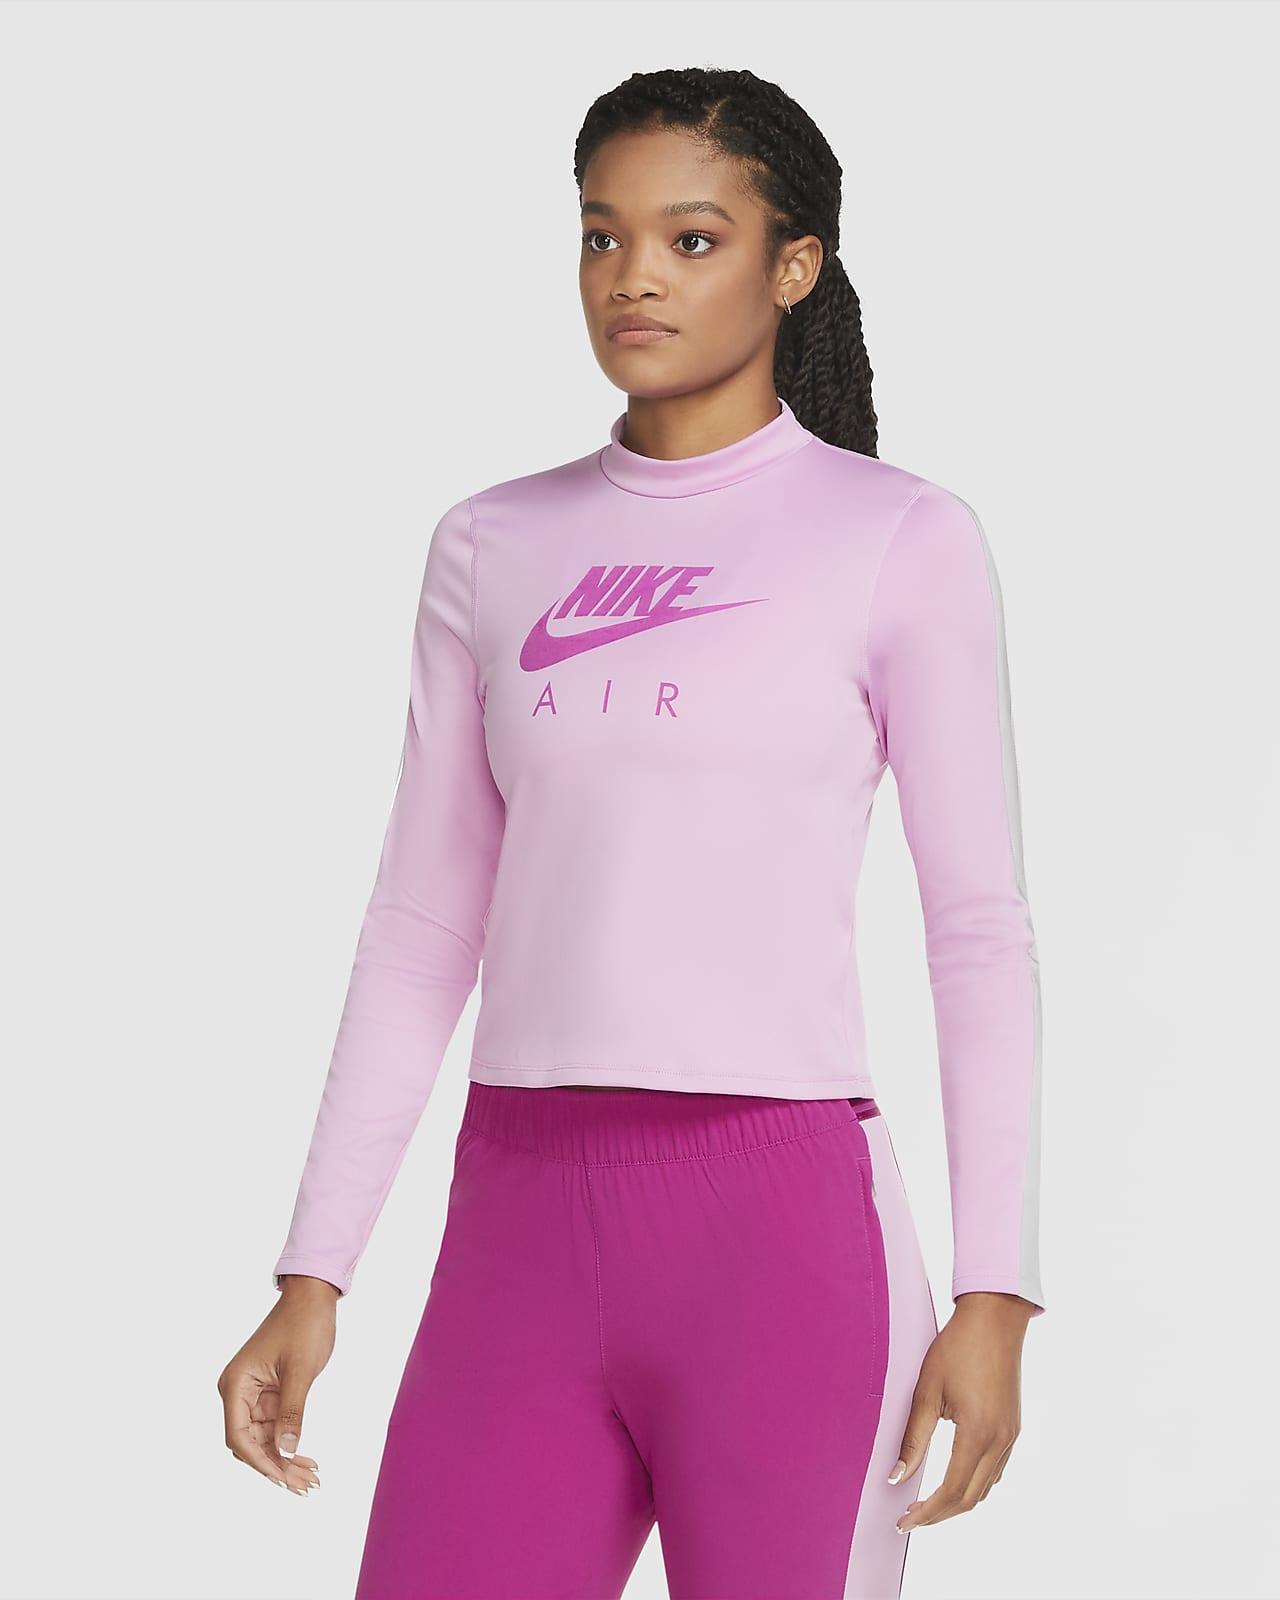 Långärmad mellanlagertröja Nike Air för kvinnor